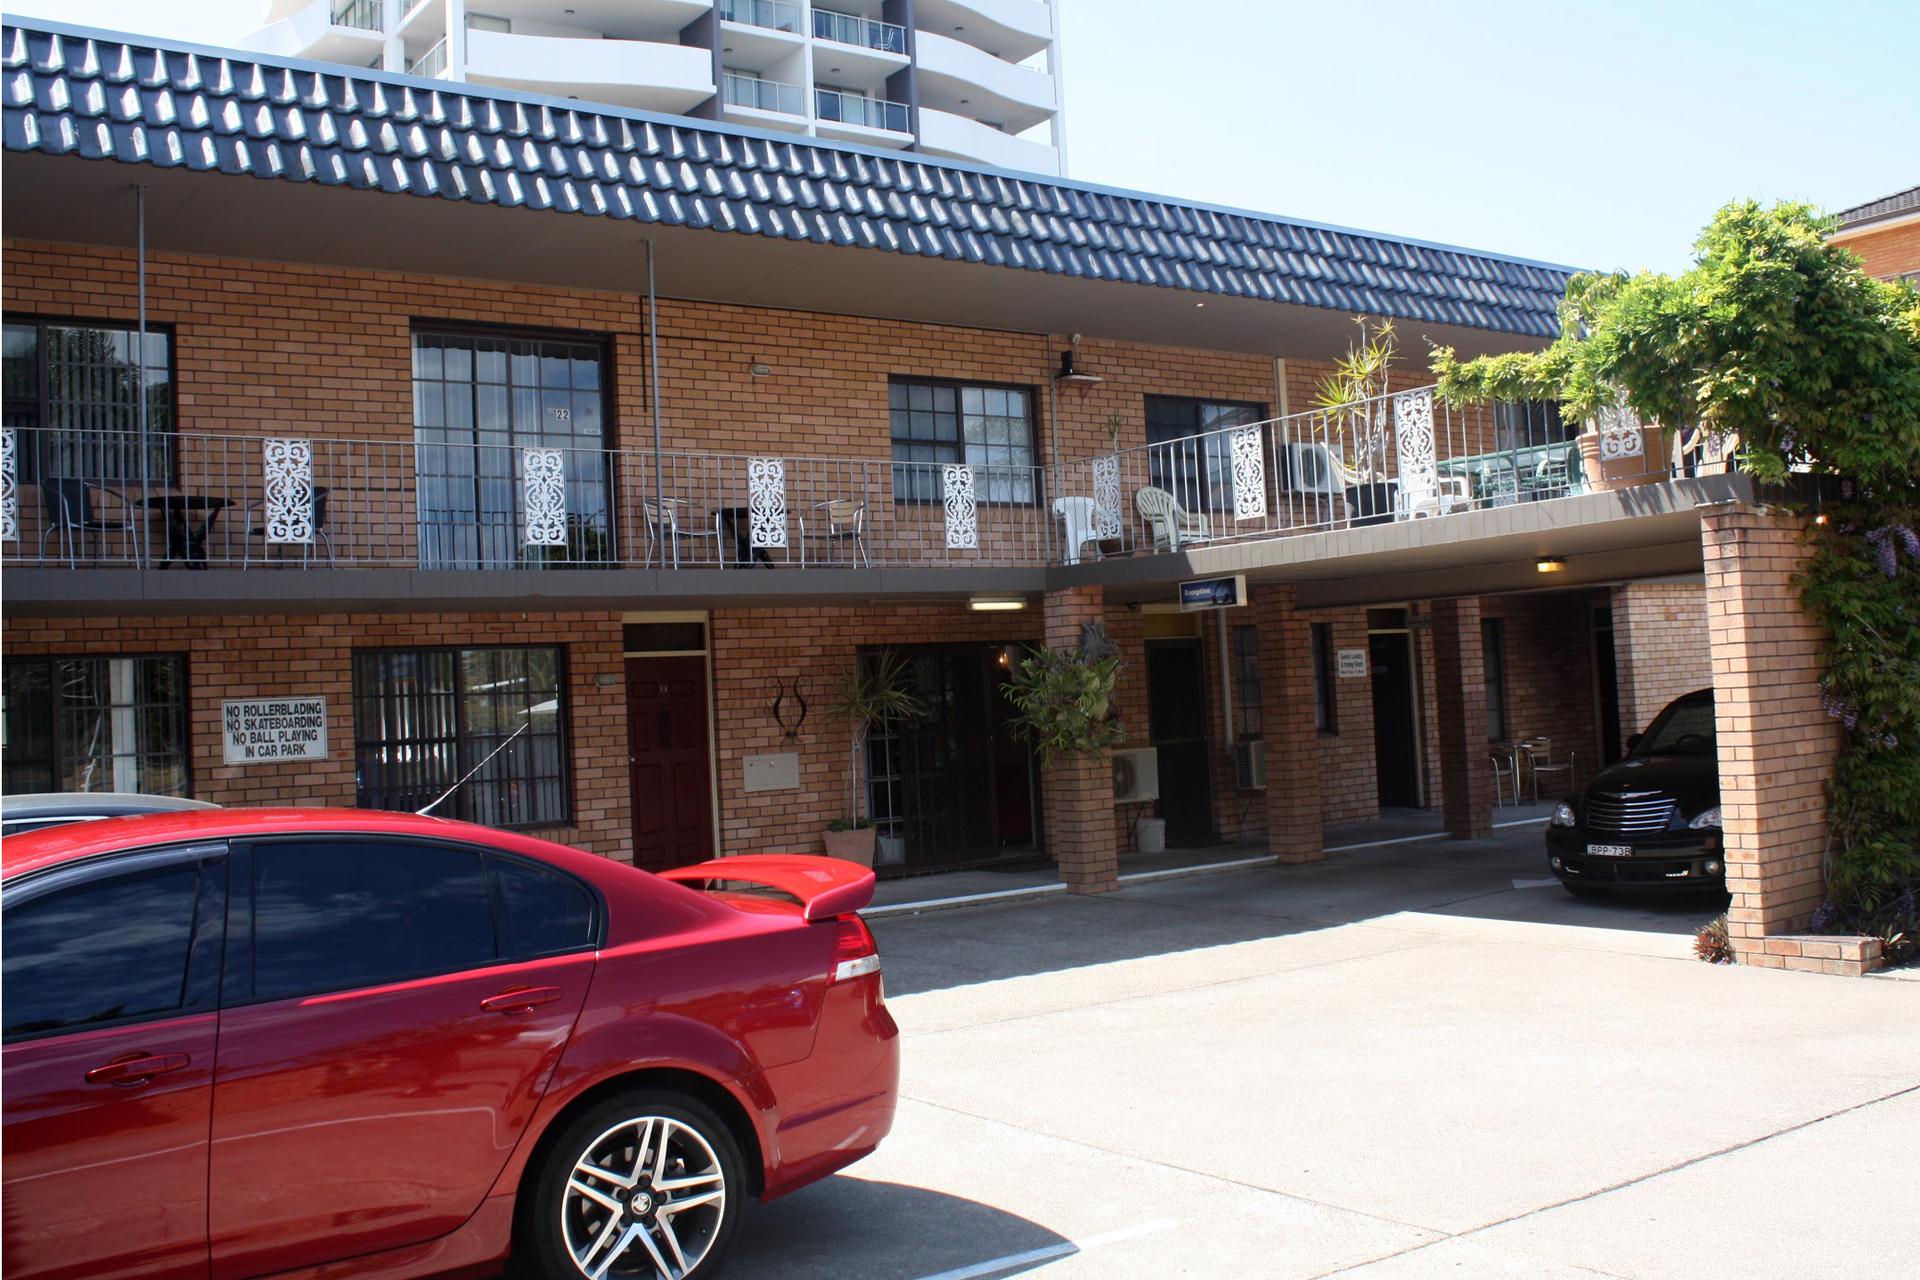 i - Bella Villa Motor Inn